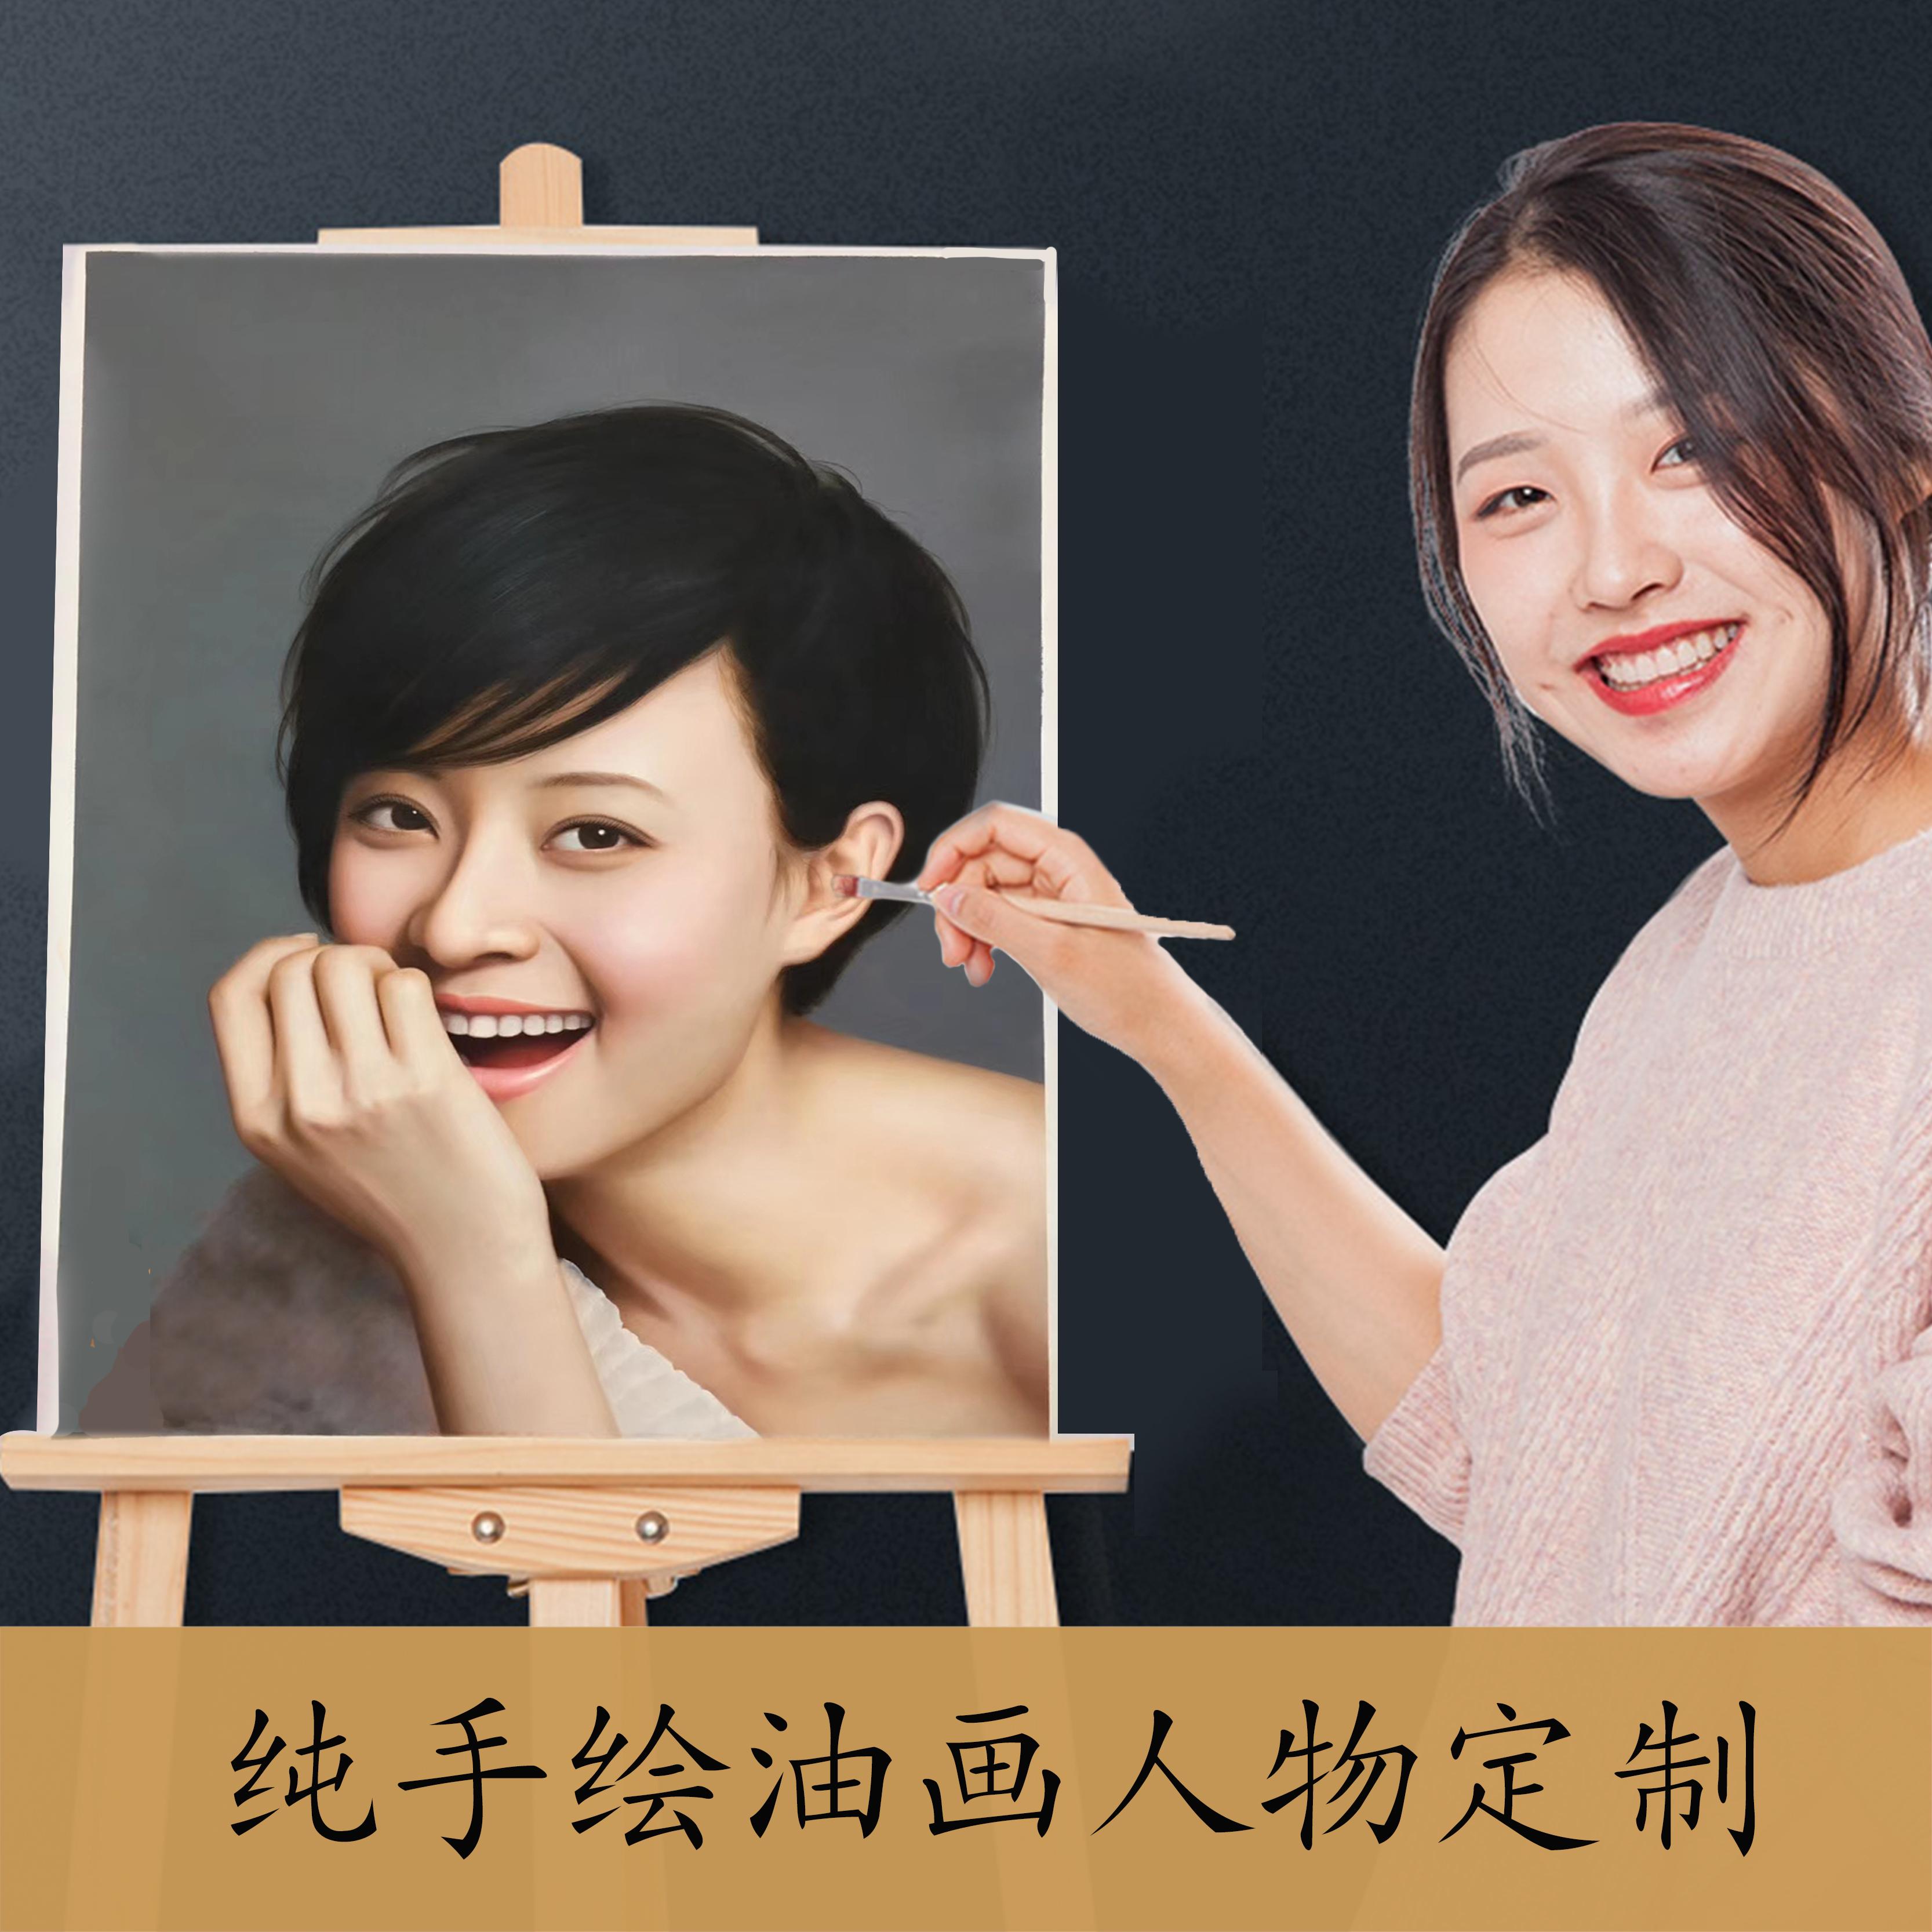 抽象風景裝飾畫定制寵物畫純手工油畫婚紗照片真人油畫手繪肖像畫